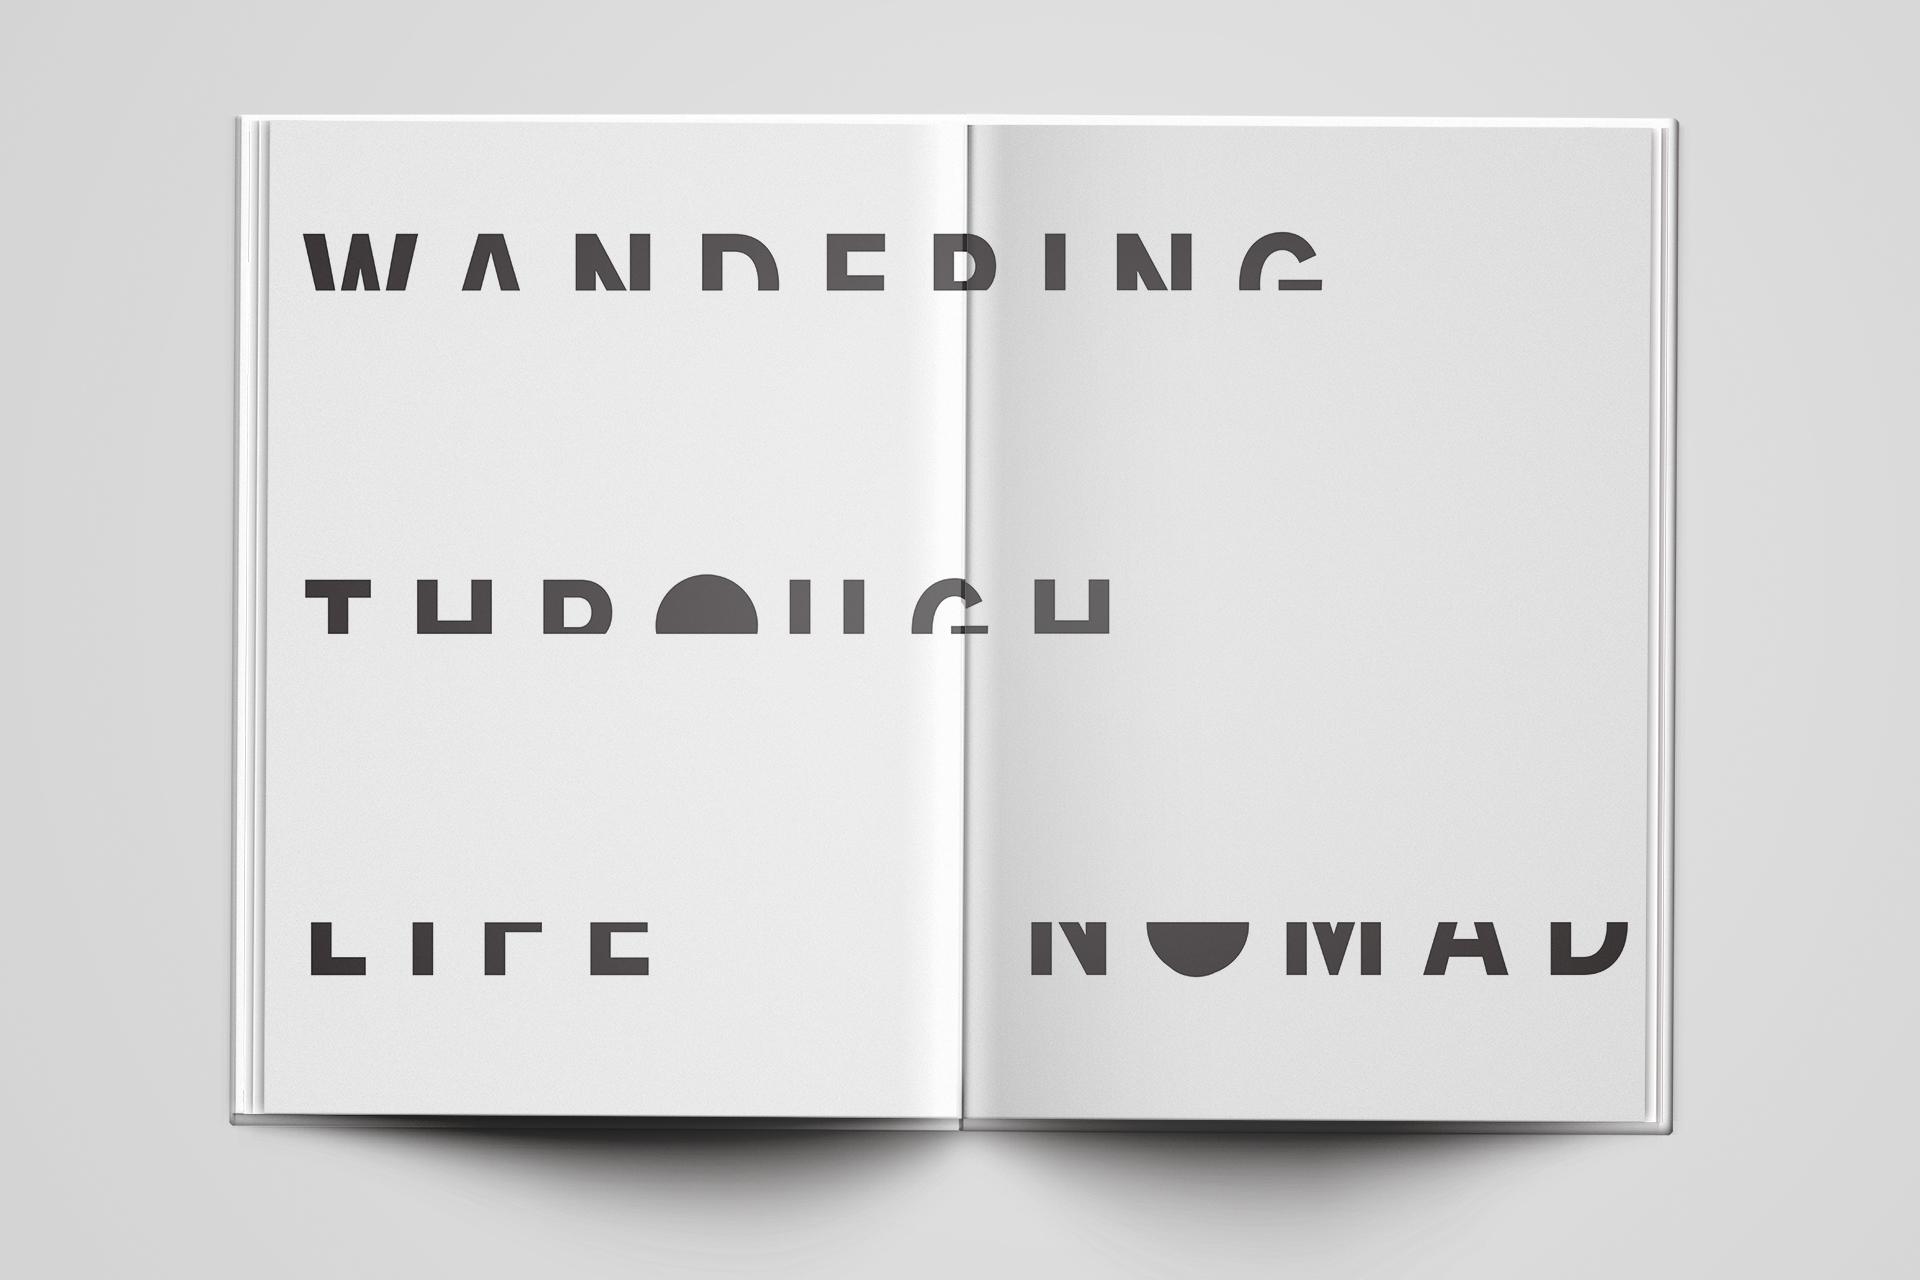 NOMAD_WANDERING_SPREAD12